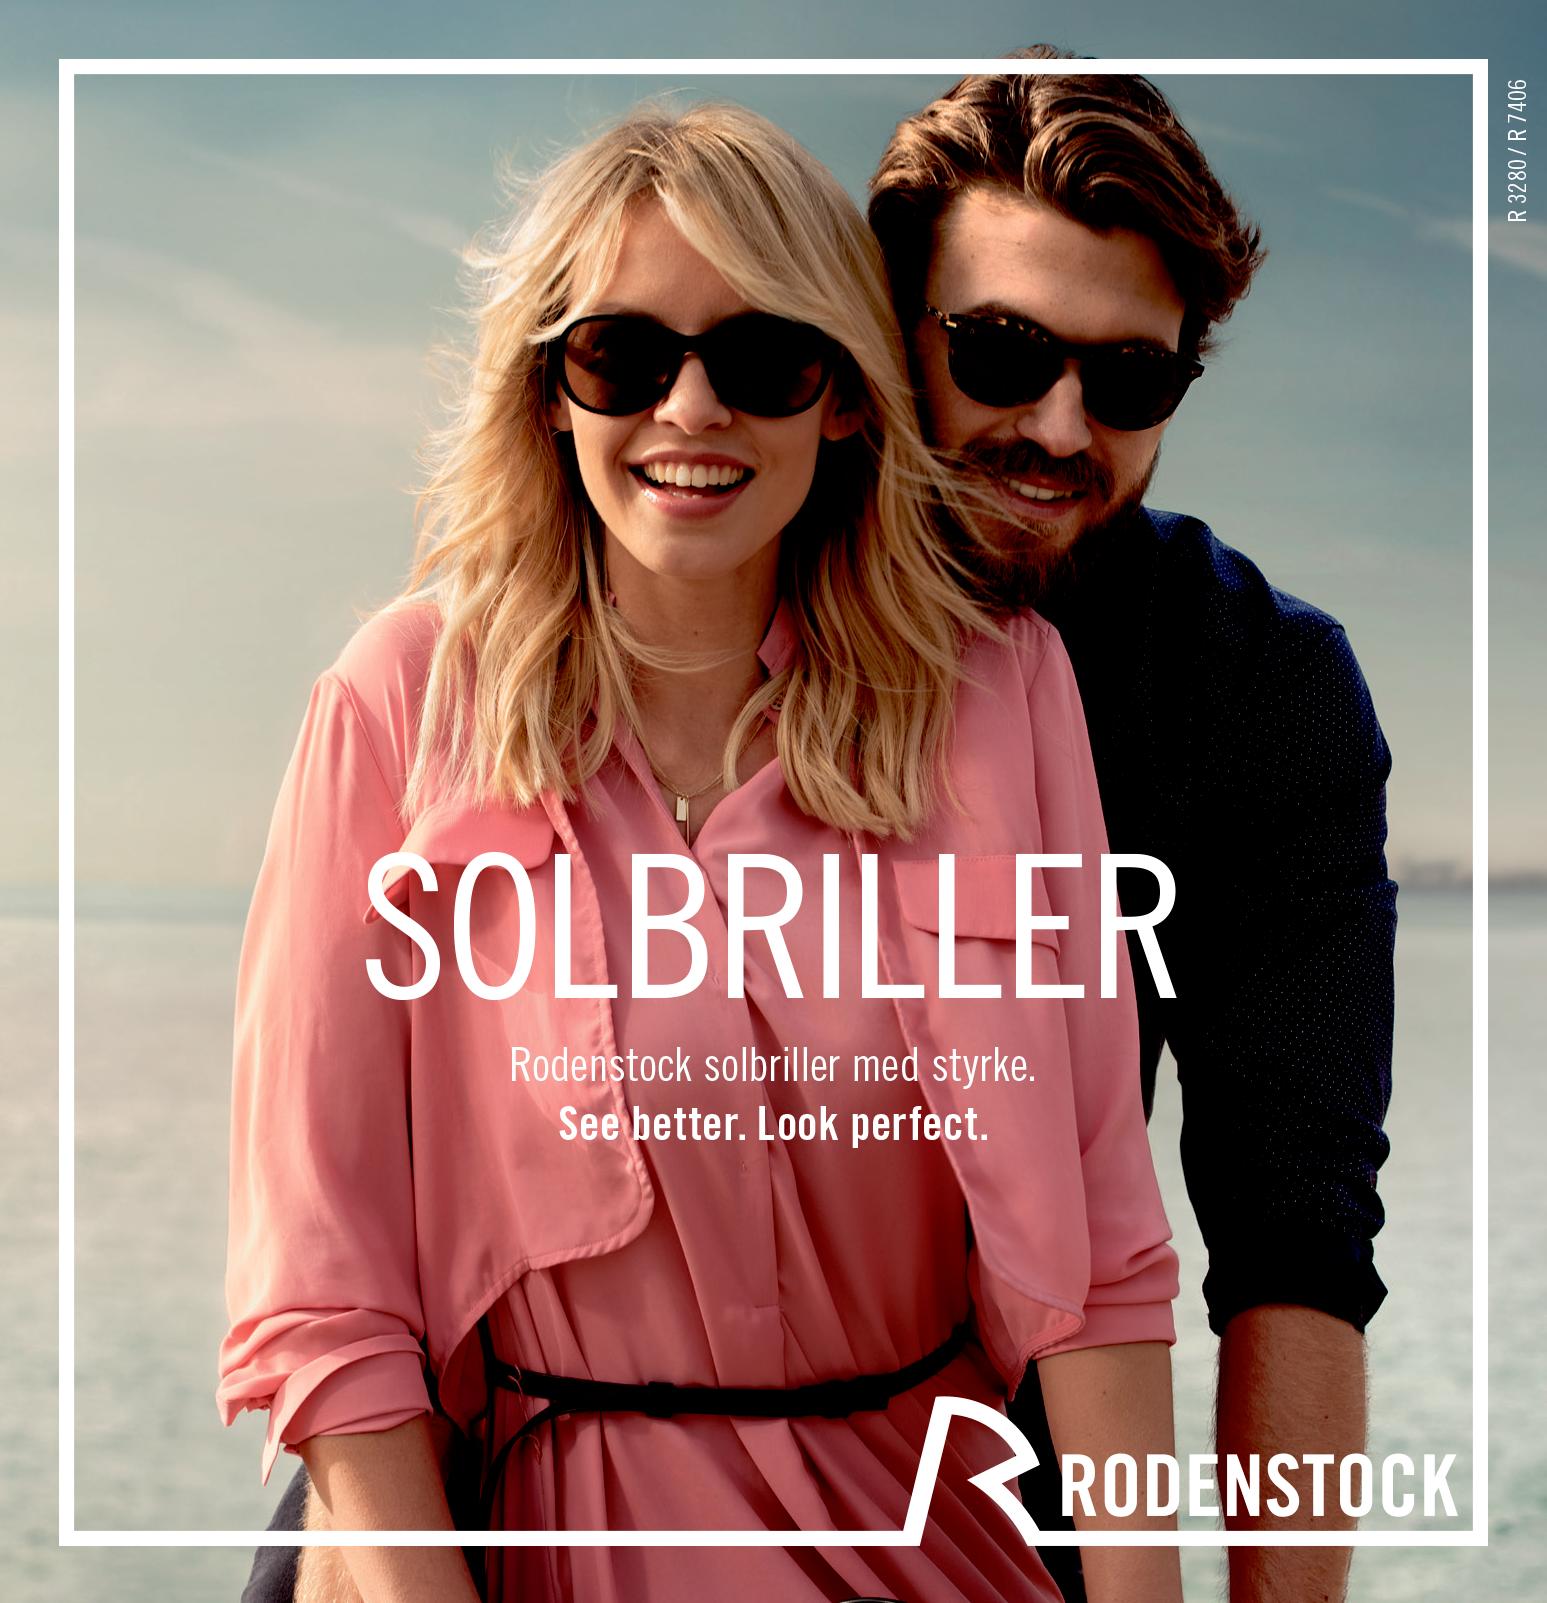 d1ac2c08f648 Rodenstock solbrille tilbud - Pernille Damgaard Optik